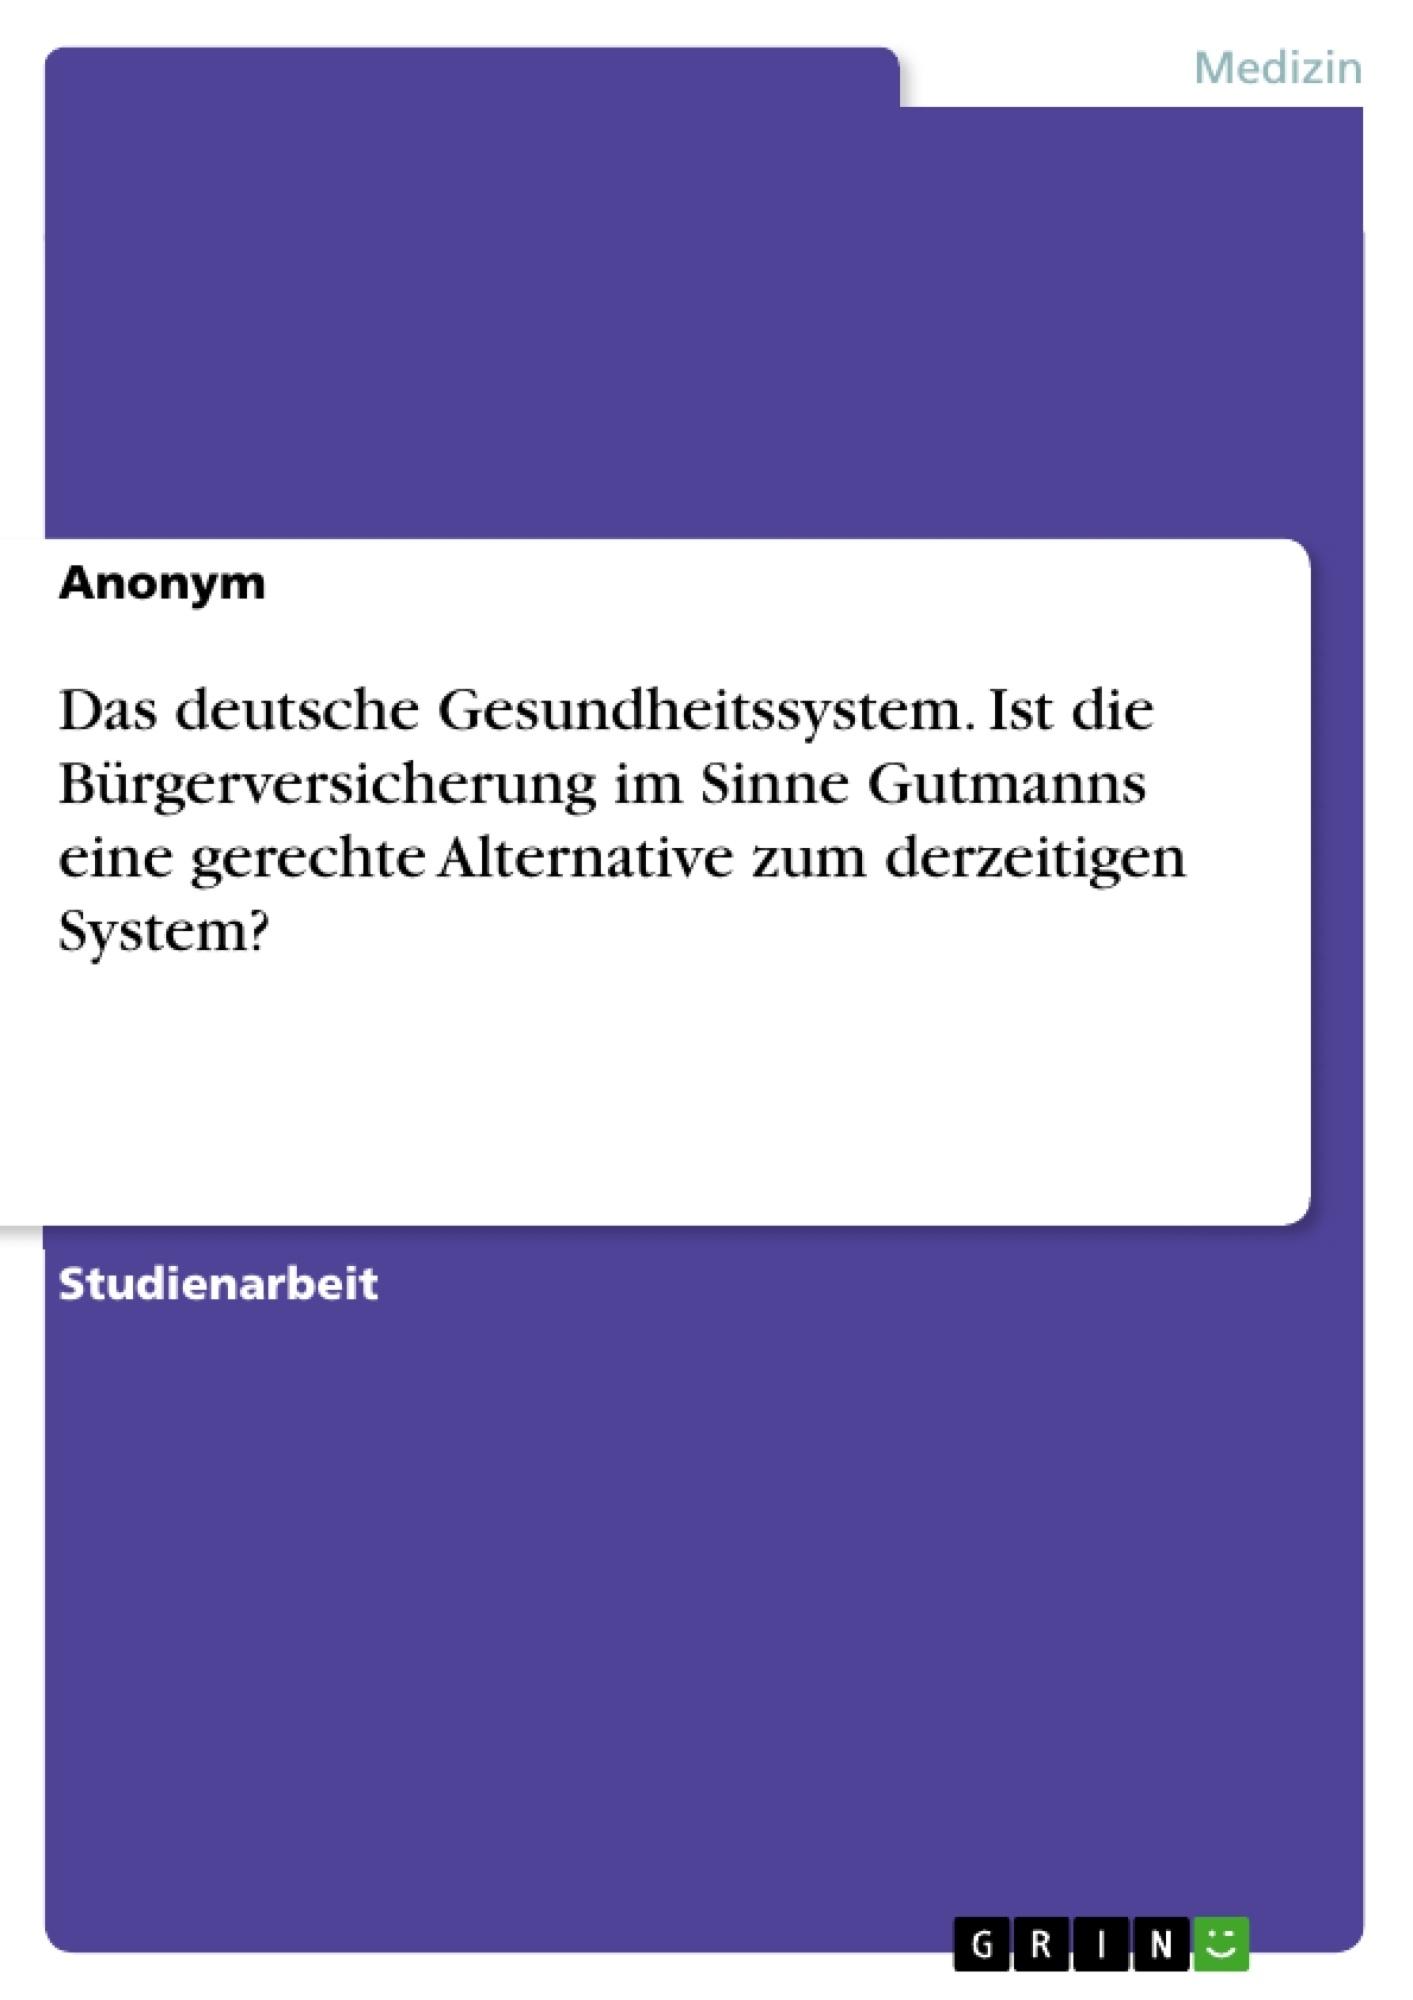 Titel: Das deutsche Gesundheitssystem. Ist die Bürgerversicherung im Sinne Gutmanns eine gerechte Alternative zum derzeitigen System?